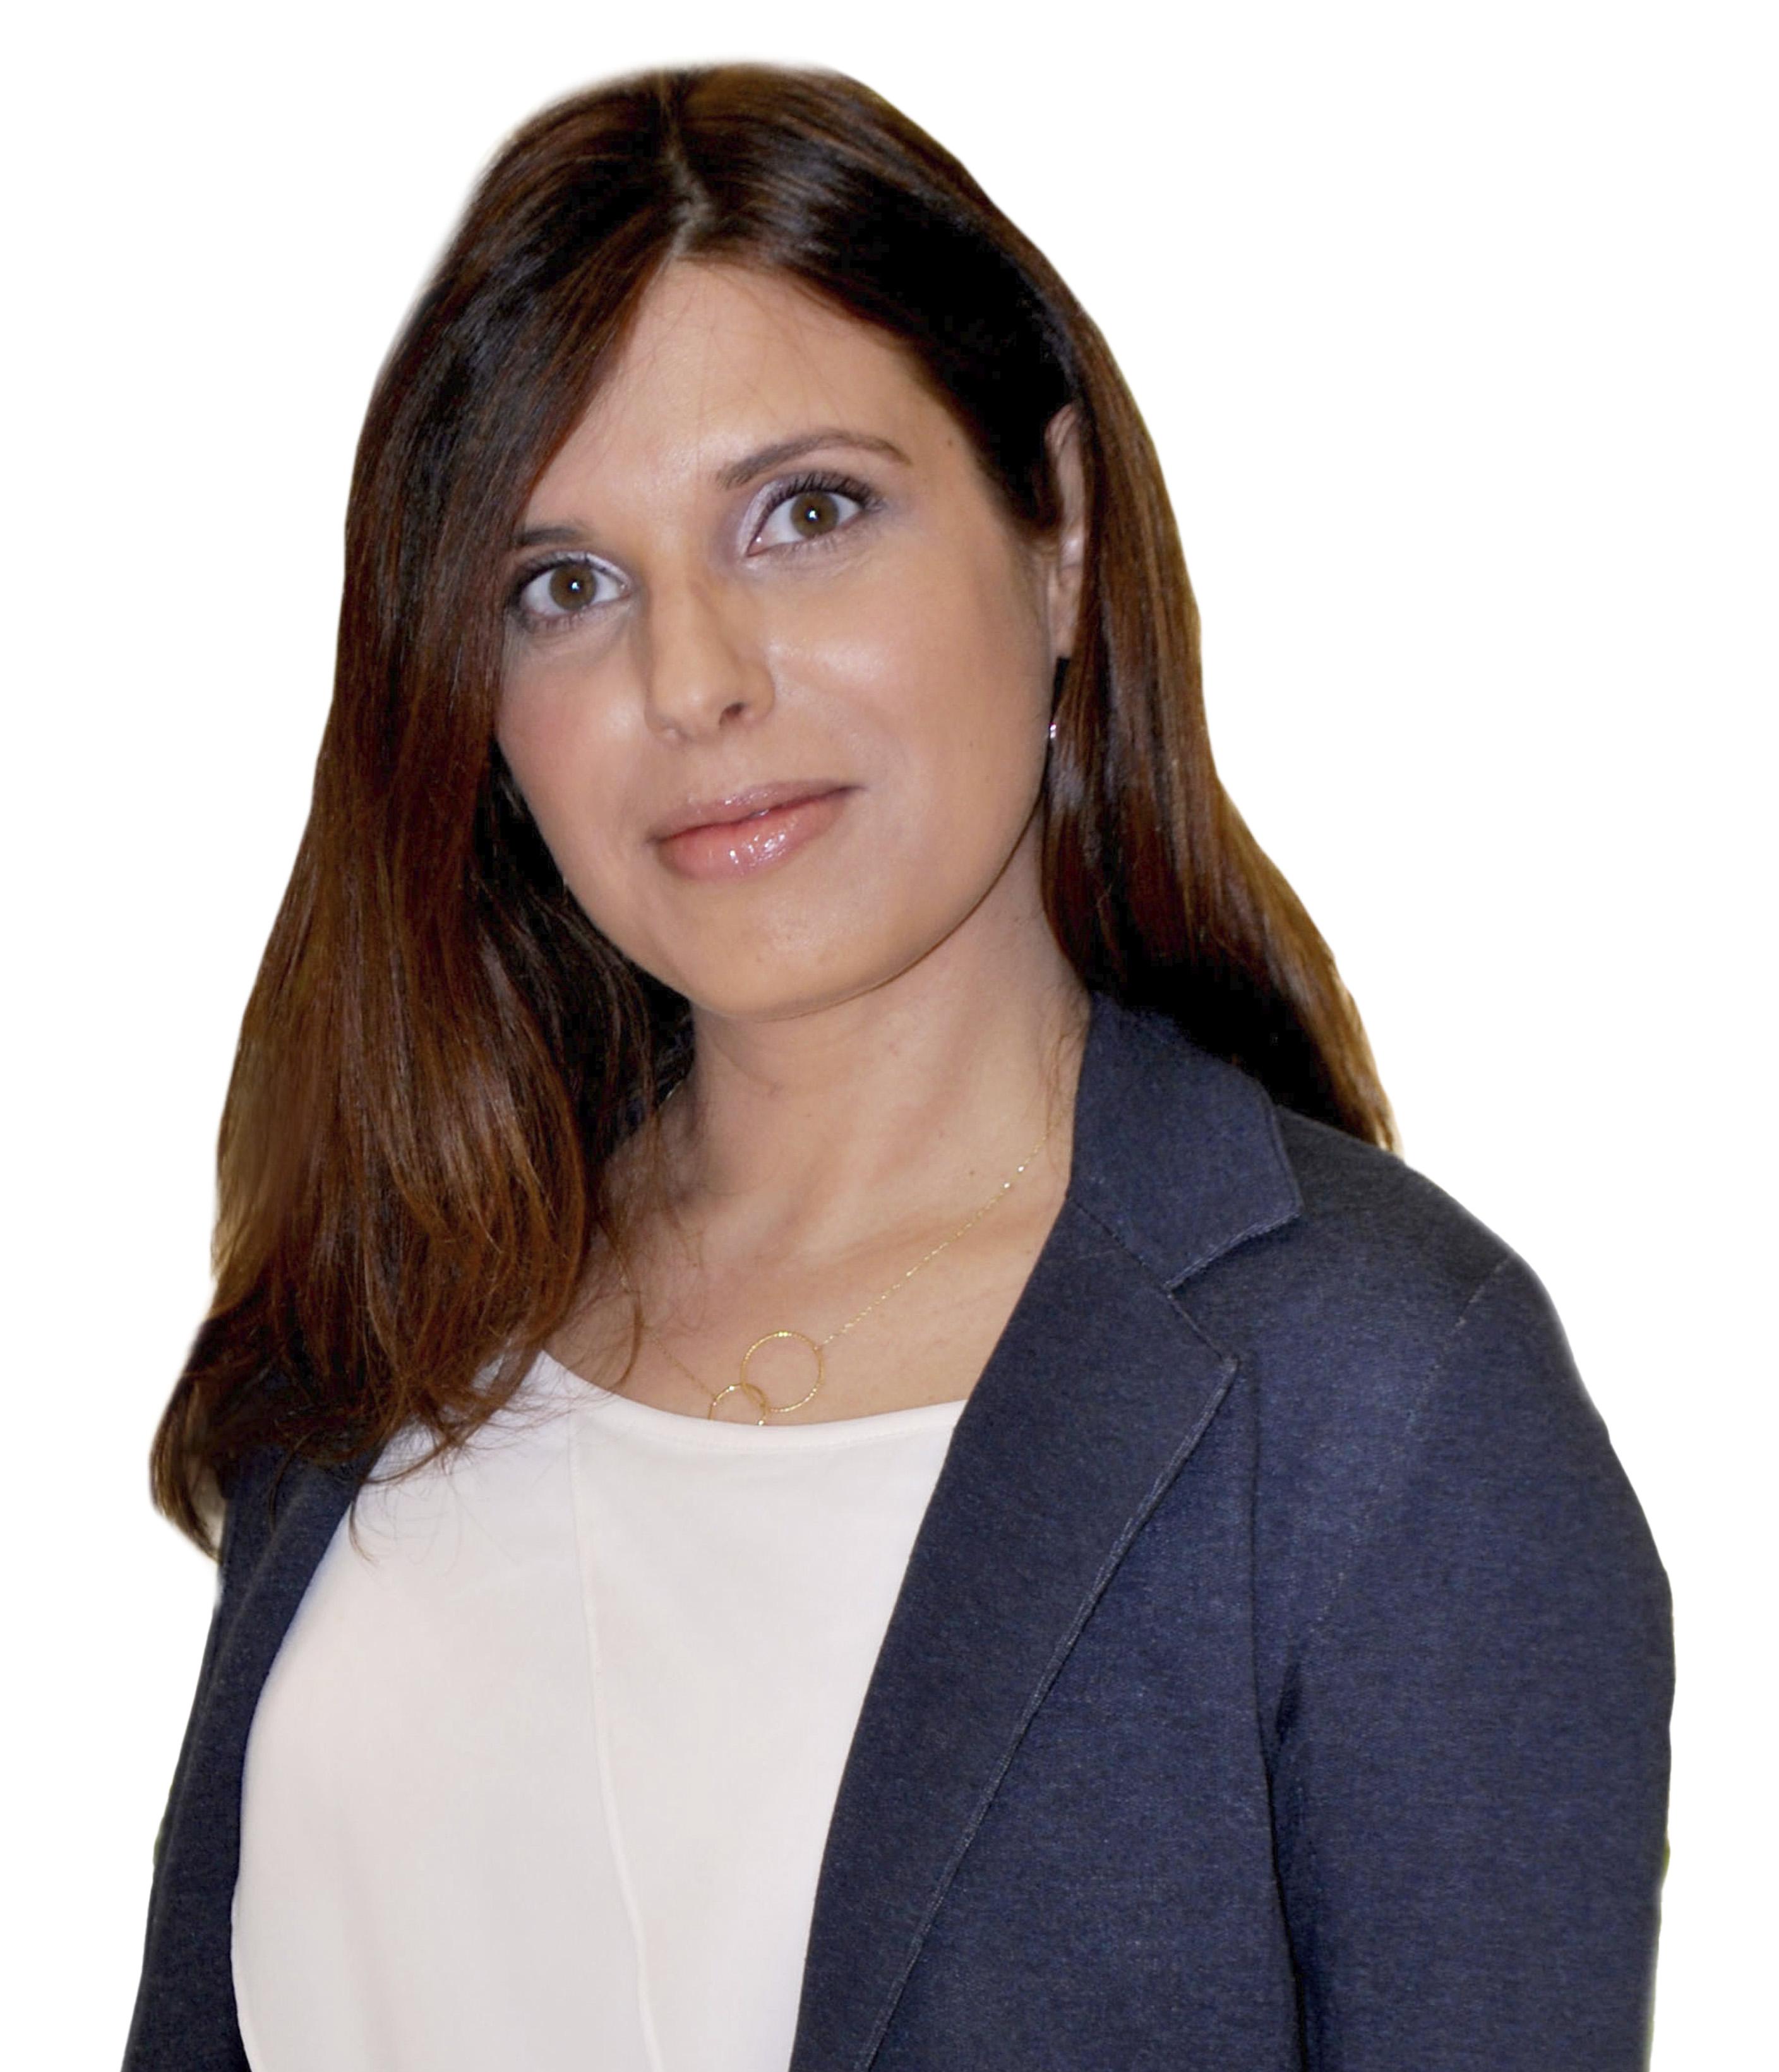 Diana Abovsky